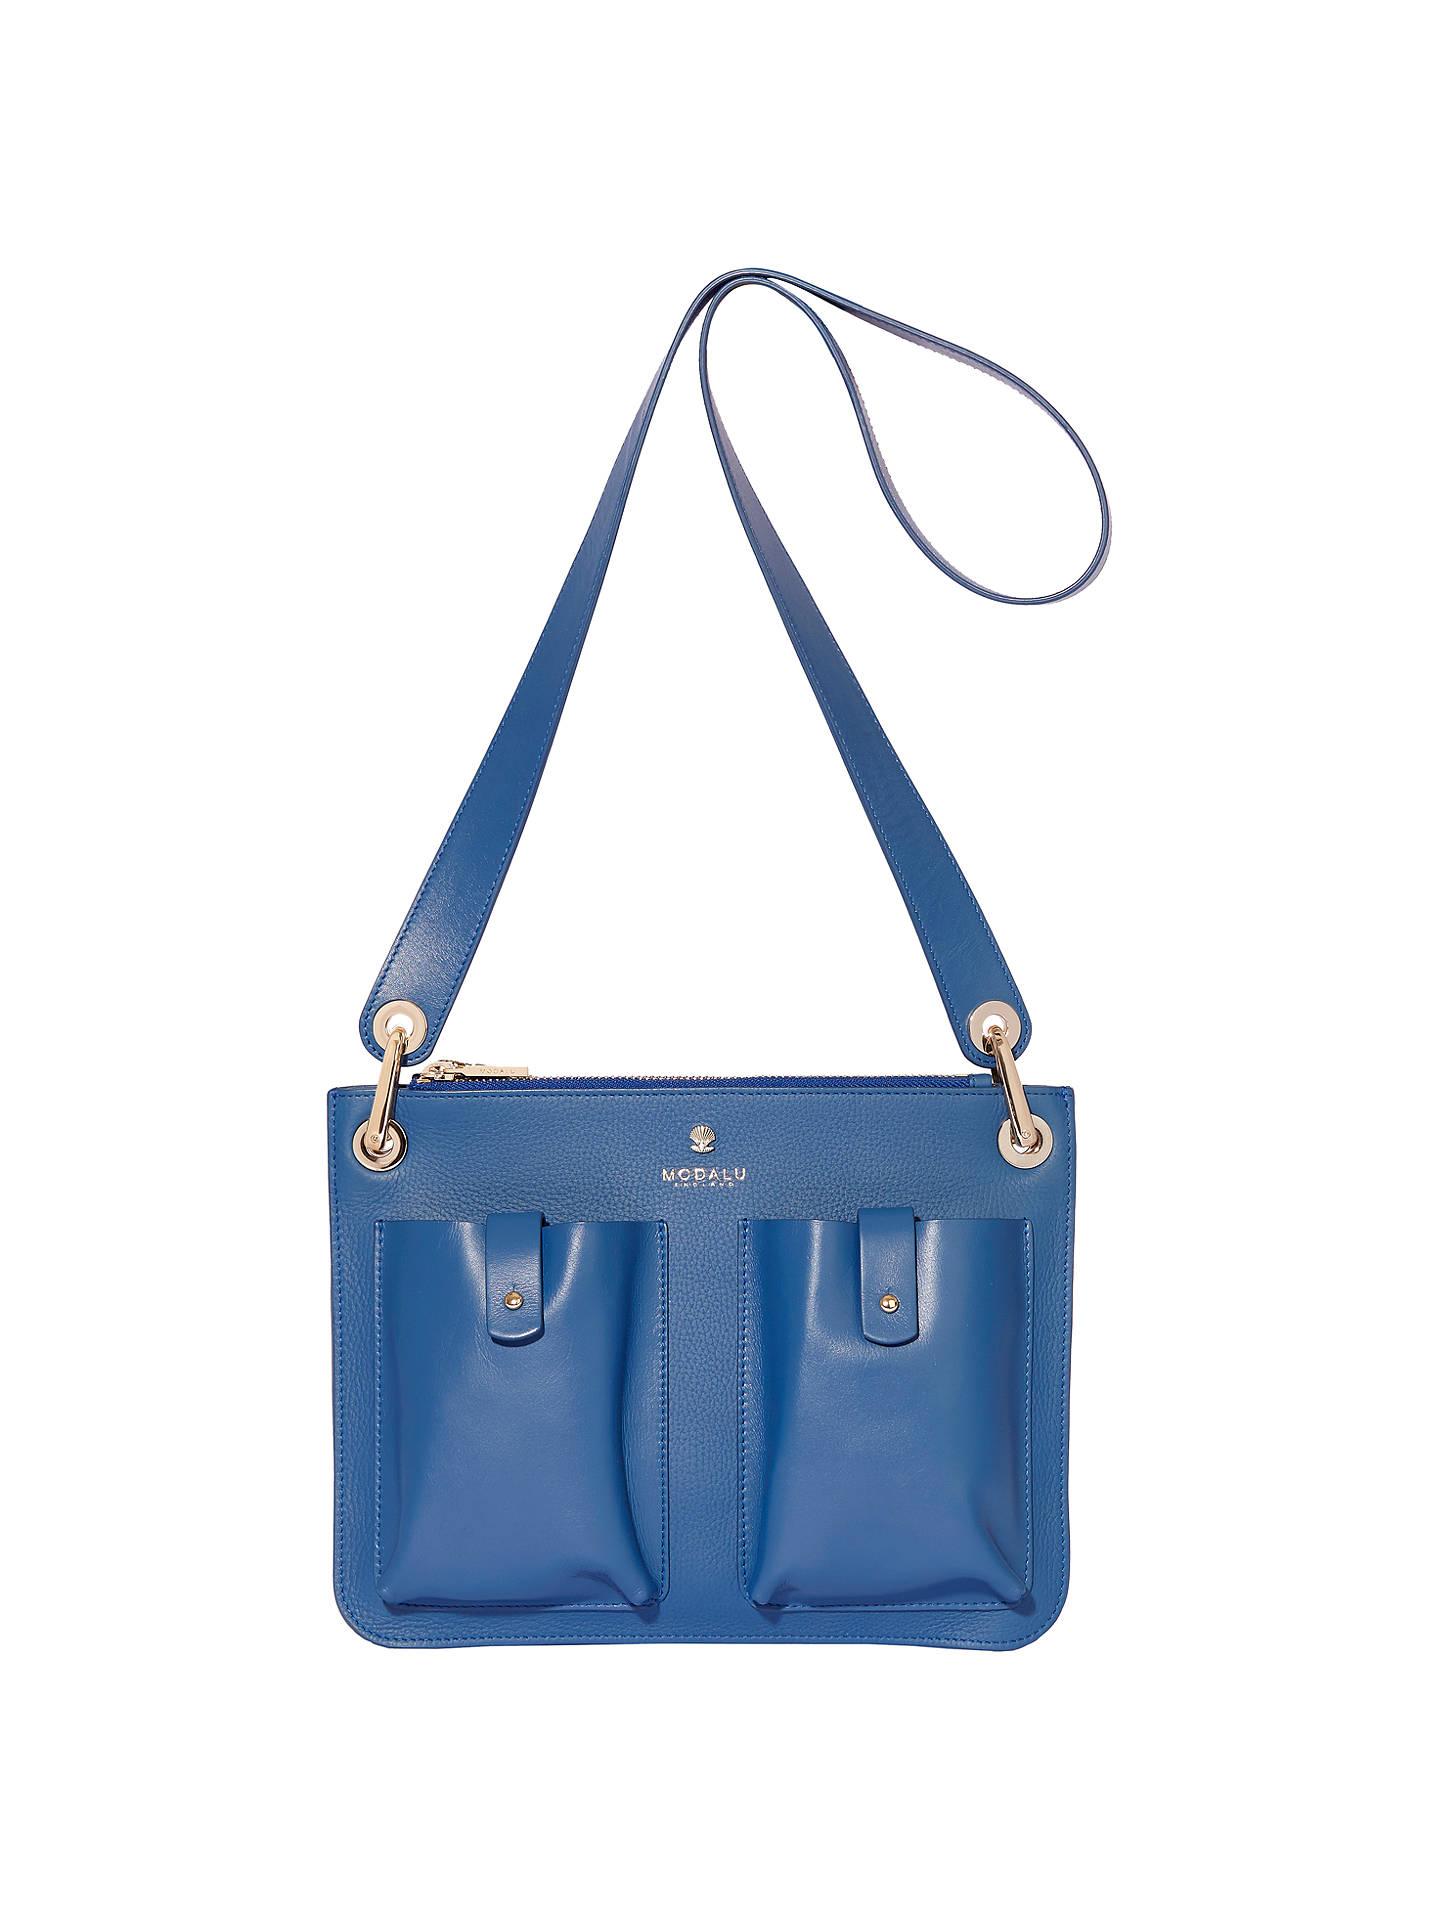 Modalu Carter Leather Shoulder Bag Denim Blue Online At Johnlewis